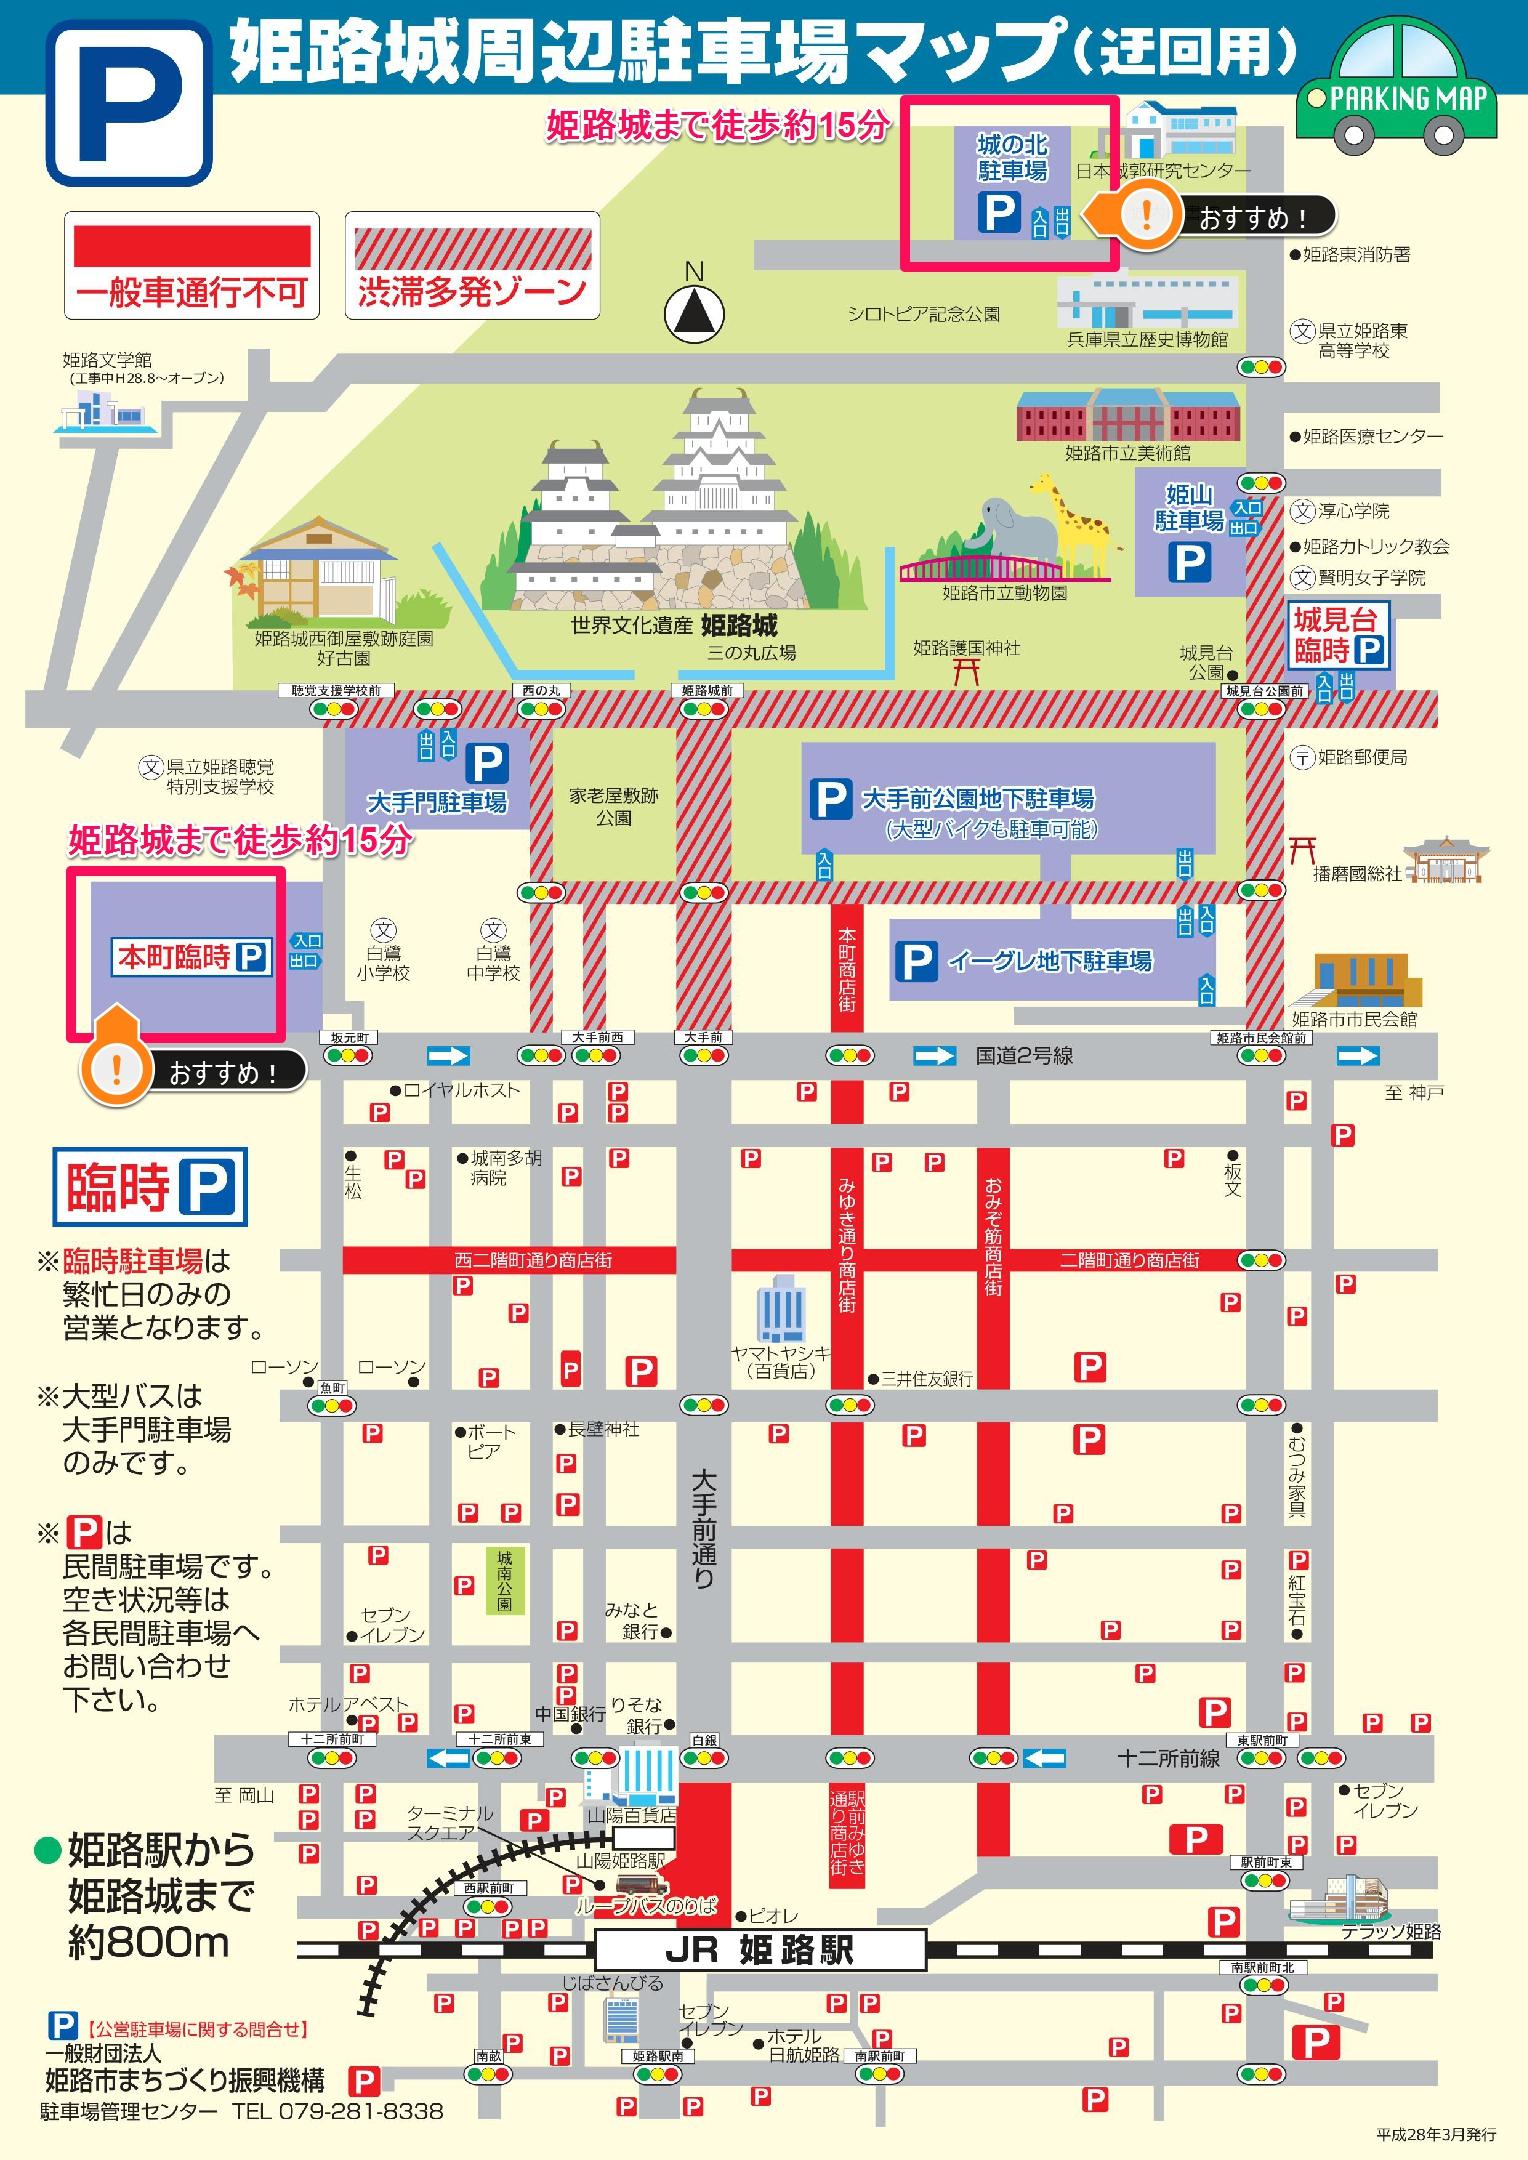 himeji-castle-parking-lot_jp